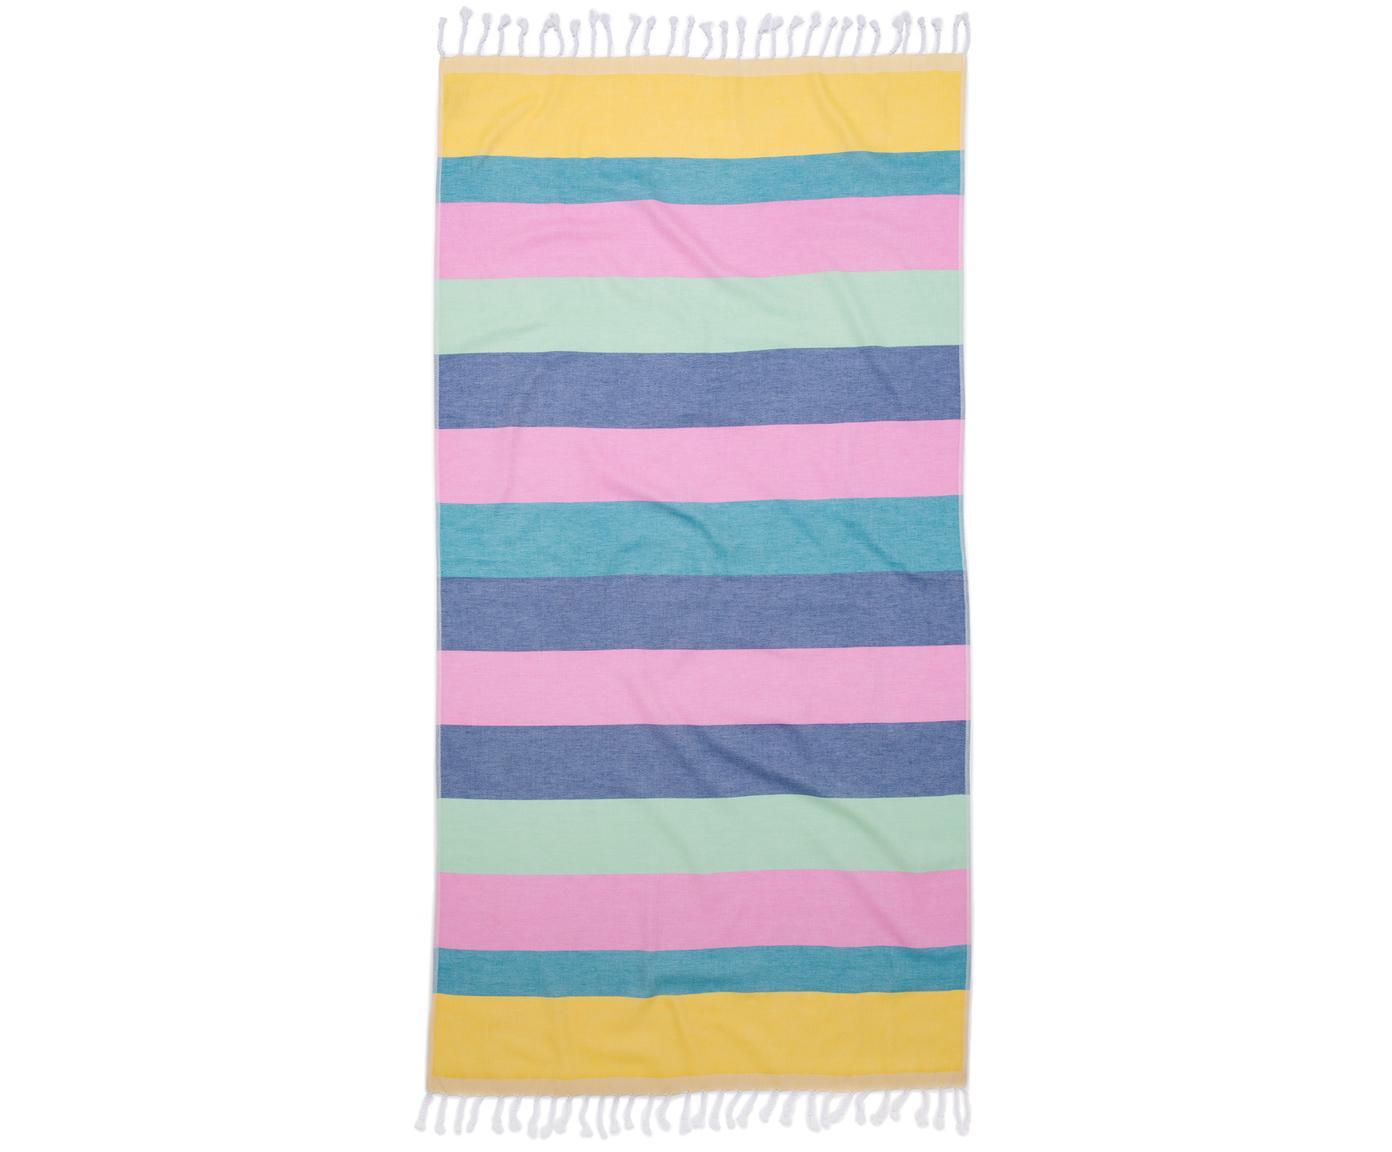 Hamamtuch Holidays, 100% Baumwolle, leichte Qualität, 210 g/m², Gelb, Blau, Pink, Grün, Violett, 90 x 180 cm